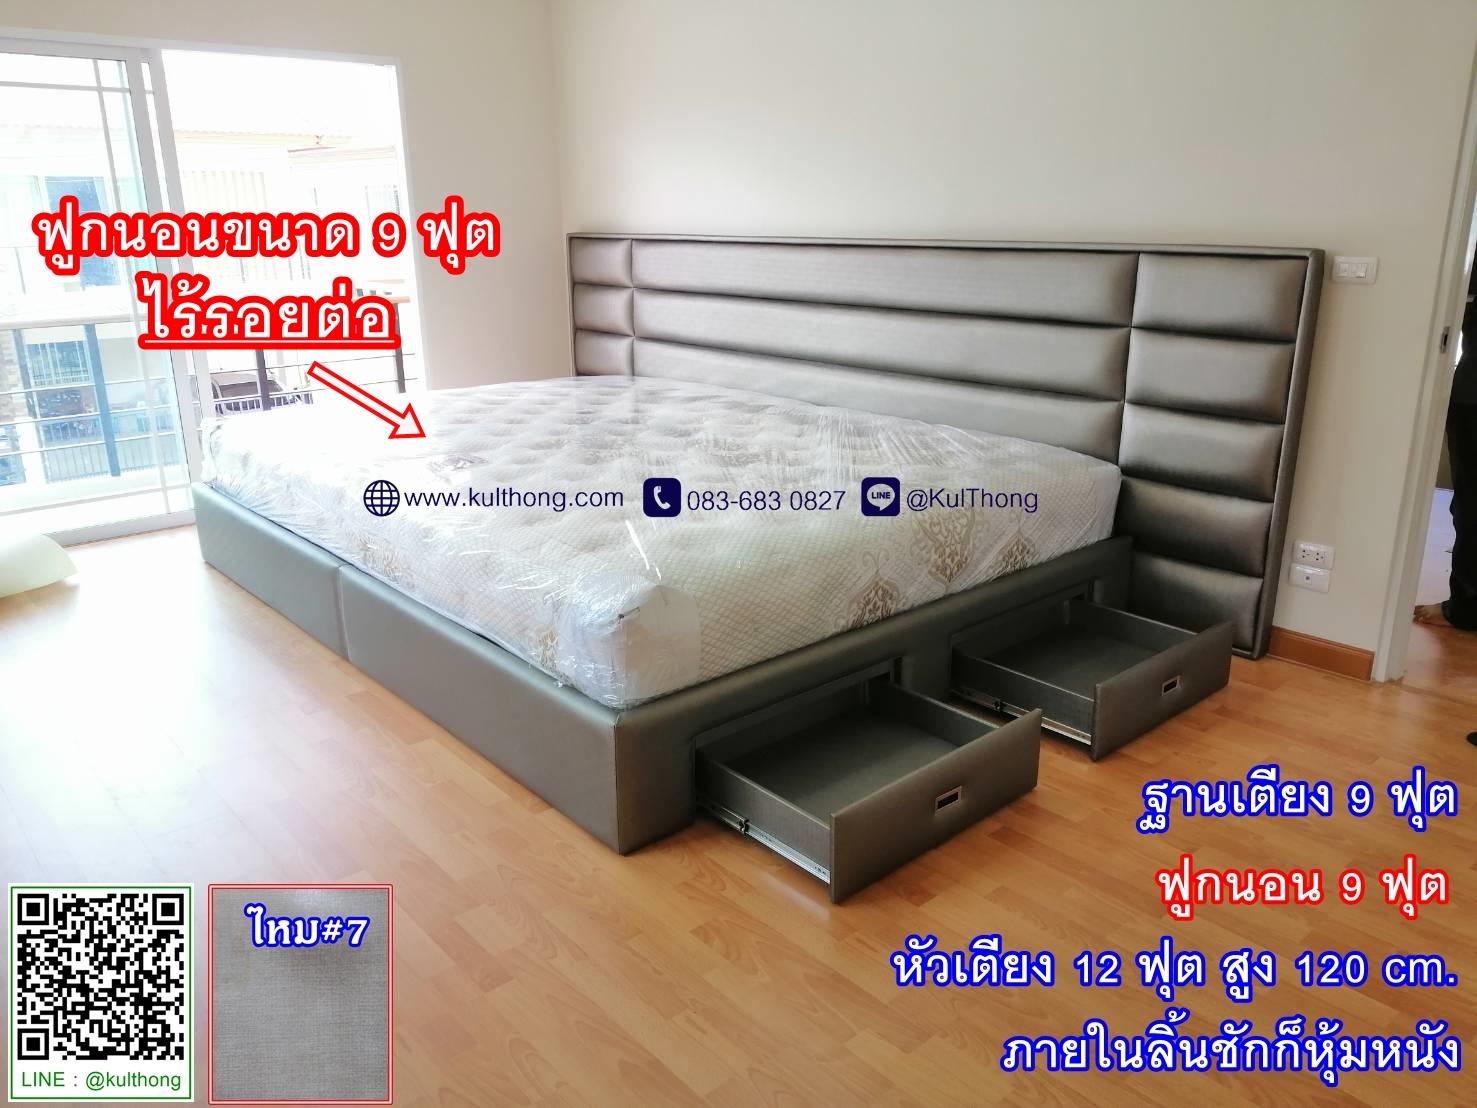 เตียงลิ้นชักหุ้มหนัง ฐานรองที่นอน เตียงเก็บของ หัวเตียงสำเร็จ